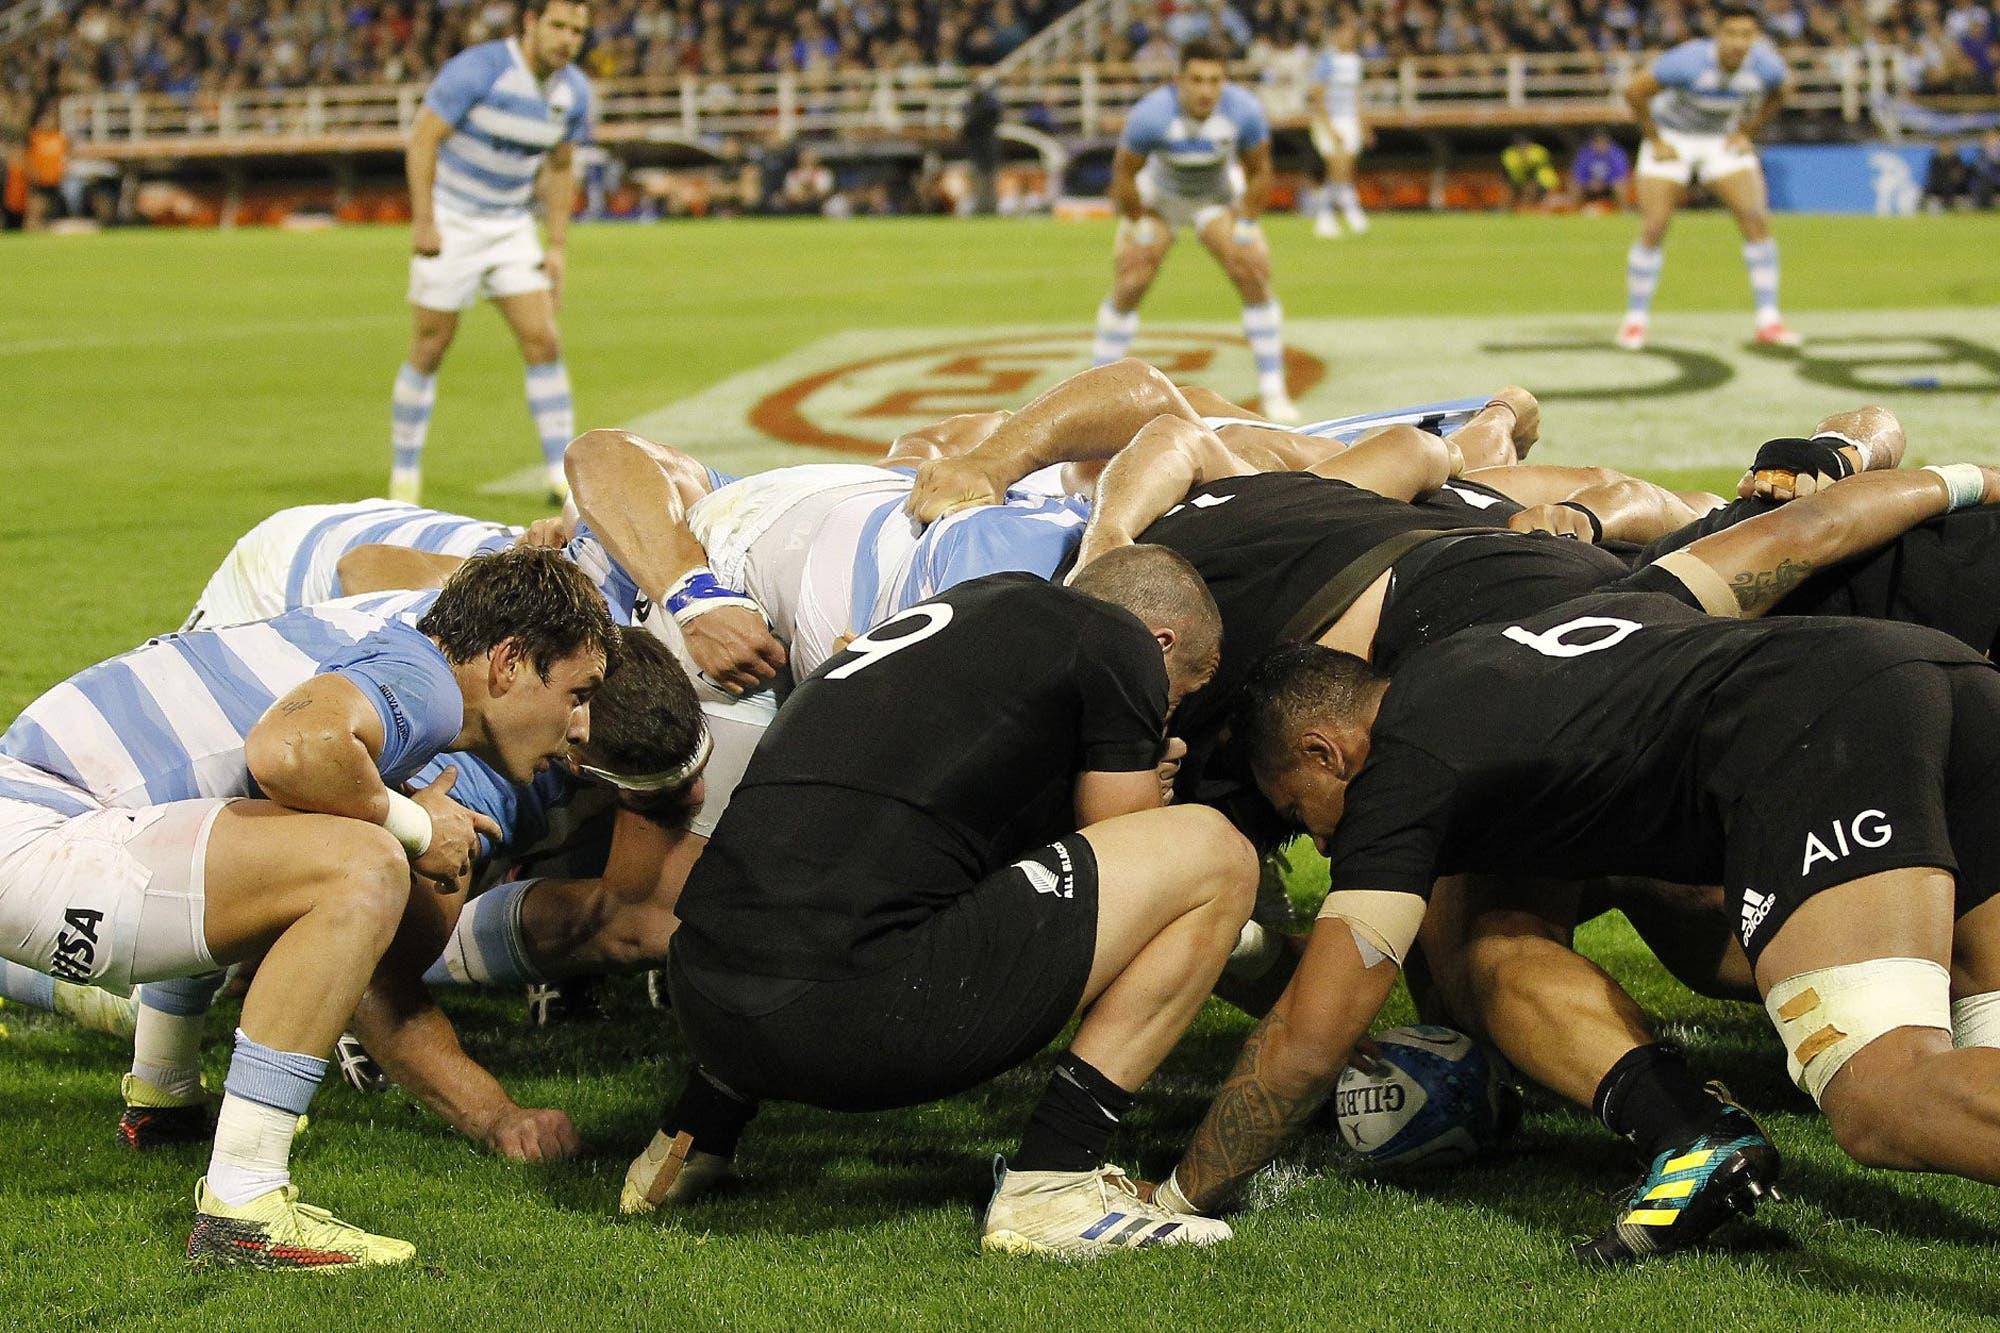 Los secretos del Dr. Scrum, el hombre clave de los All Blacks, y cómo ve al rugby argentino